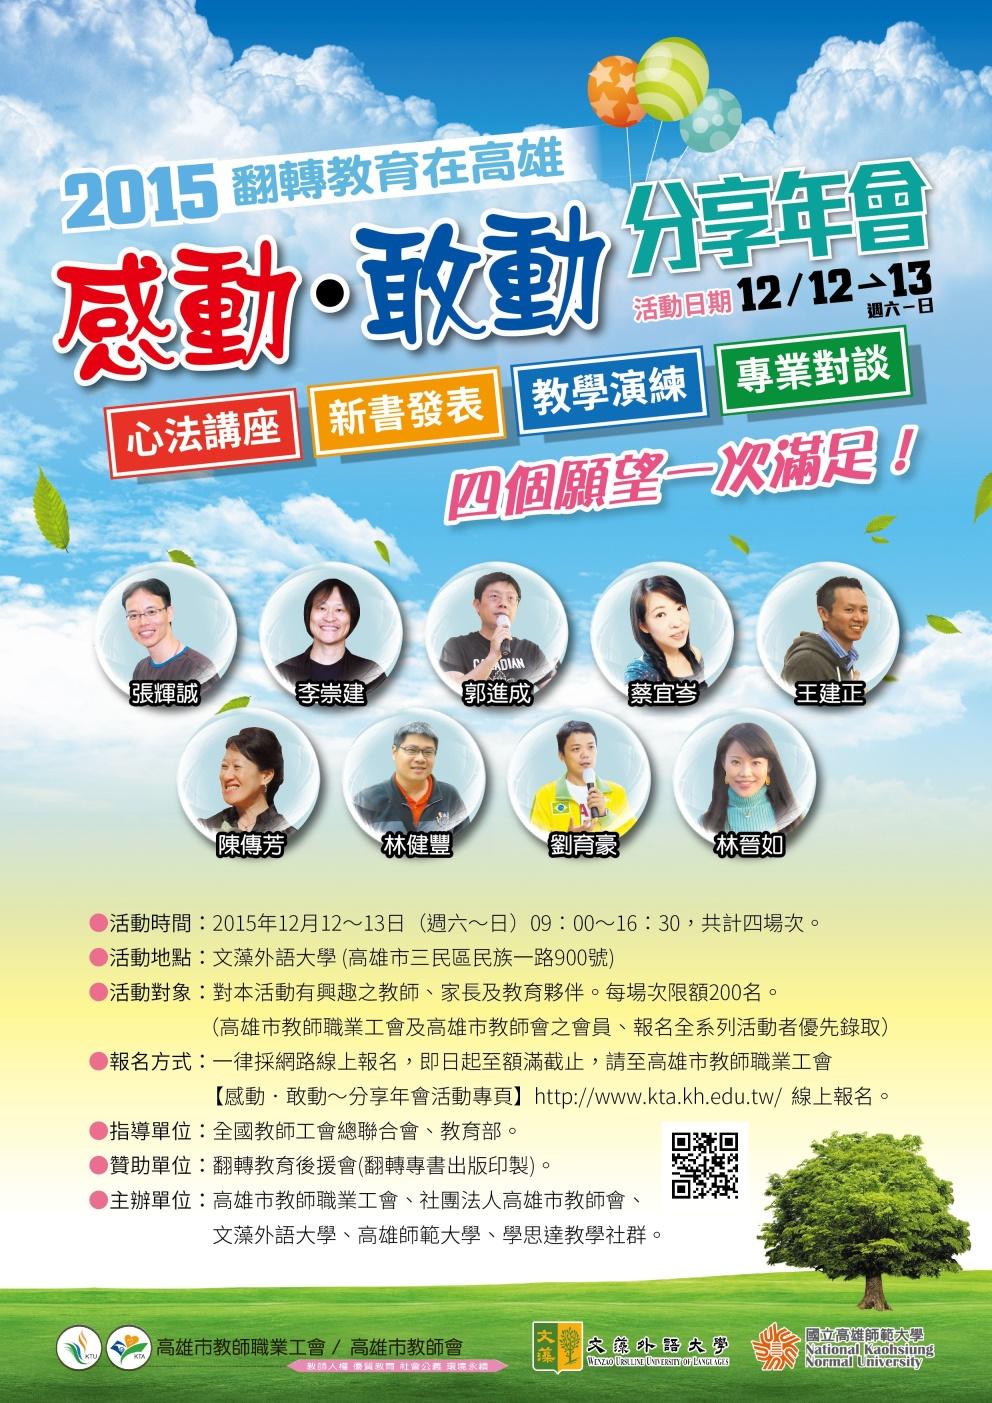 http://www.kta.kh.edu.tw/home/trdcpage/xue-si-da-zai-gao-xiong/2015fan-zhuan-jiao-yu-gan-dong-gan-dong